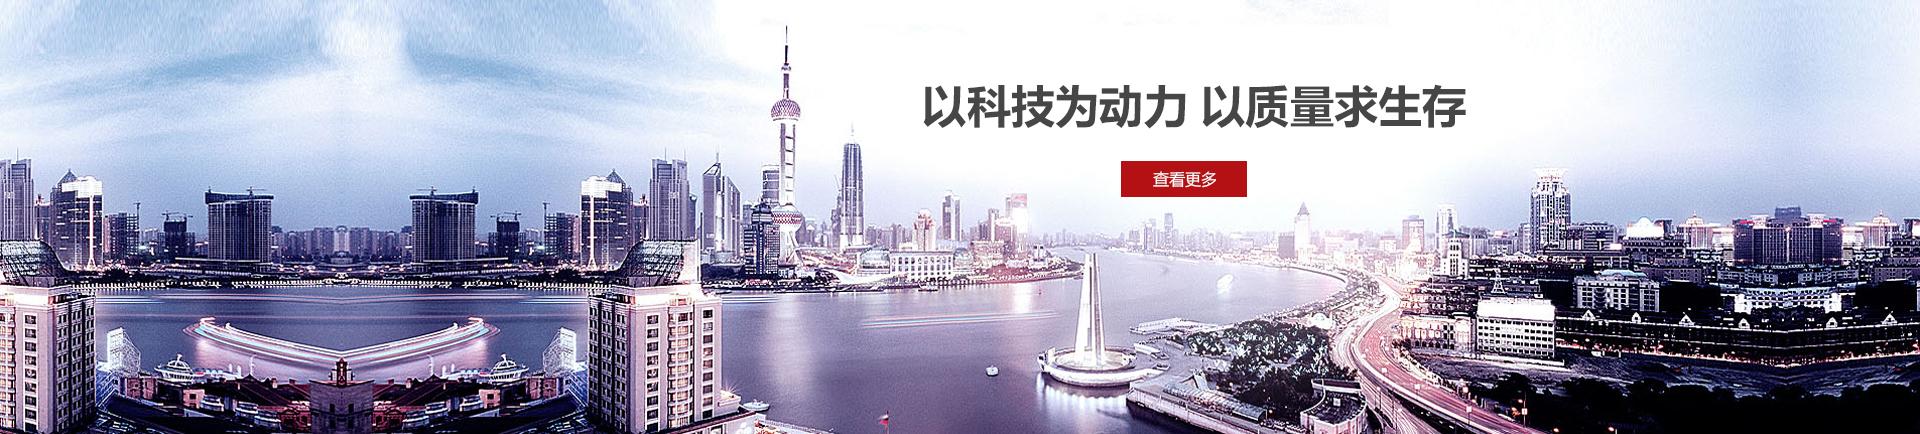 http://www.fhsjin.cn/data/upload/202012/20201216135133_577.jpg